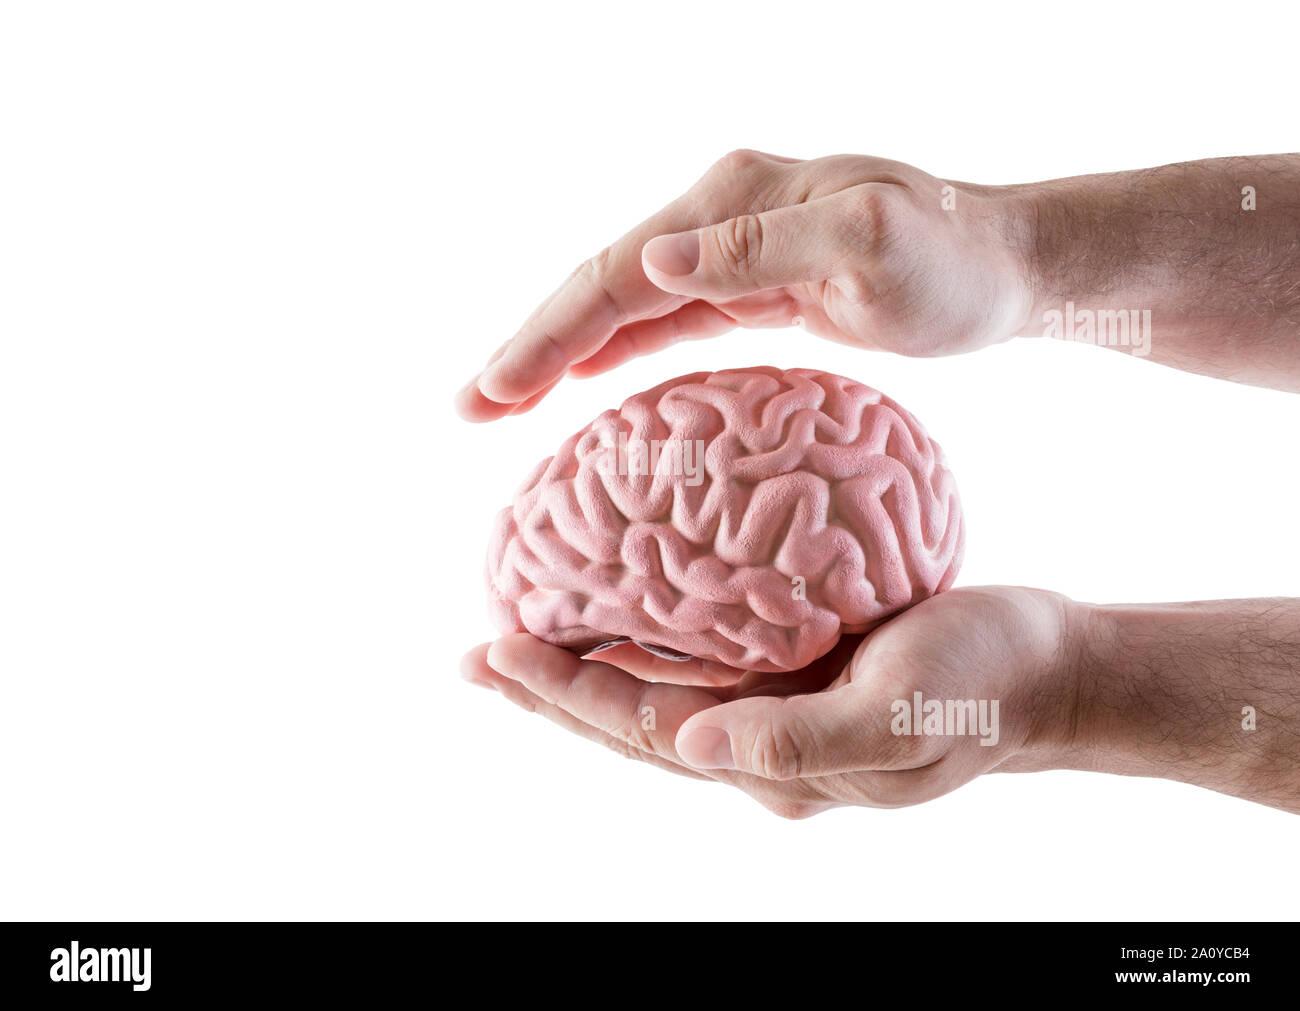 Cerveau humain couverts par des mains isolé sur fond blanc Banque D'Images